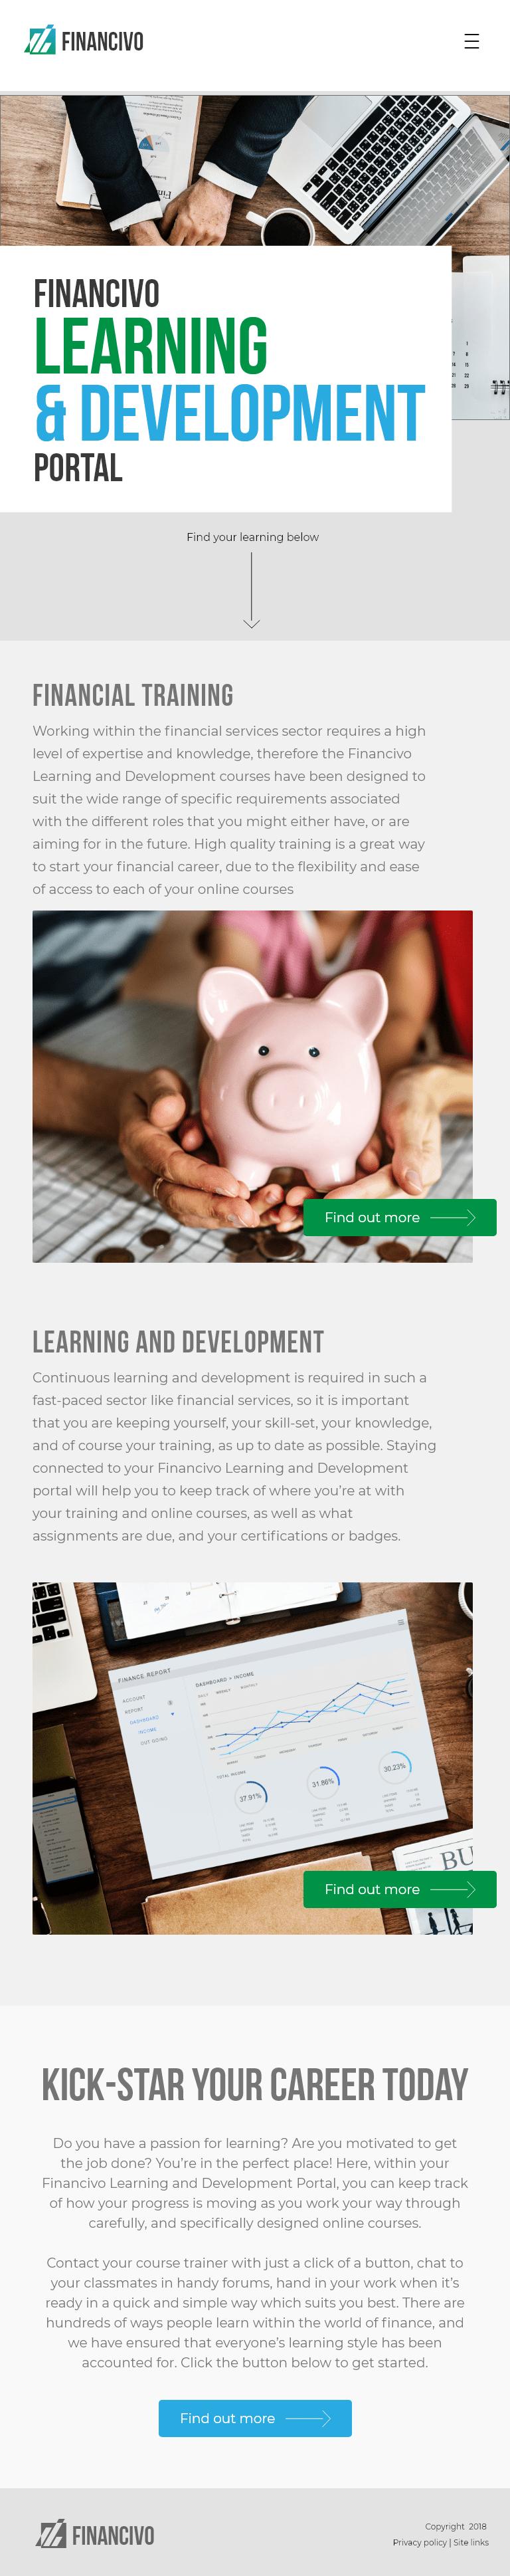 Financivo iPad-min